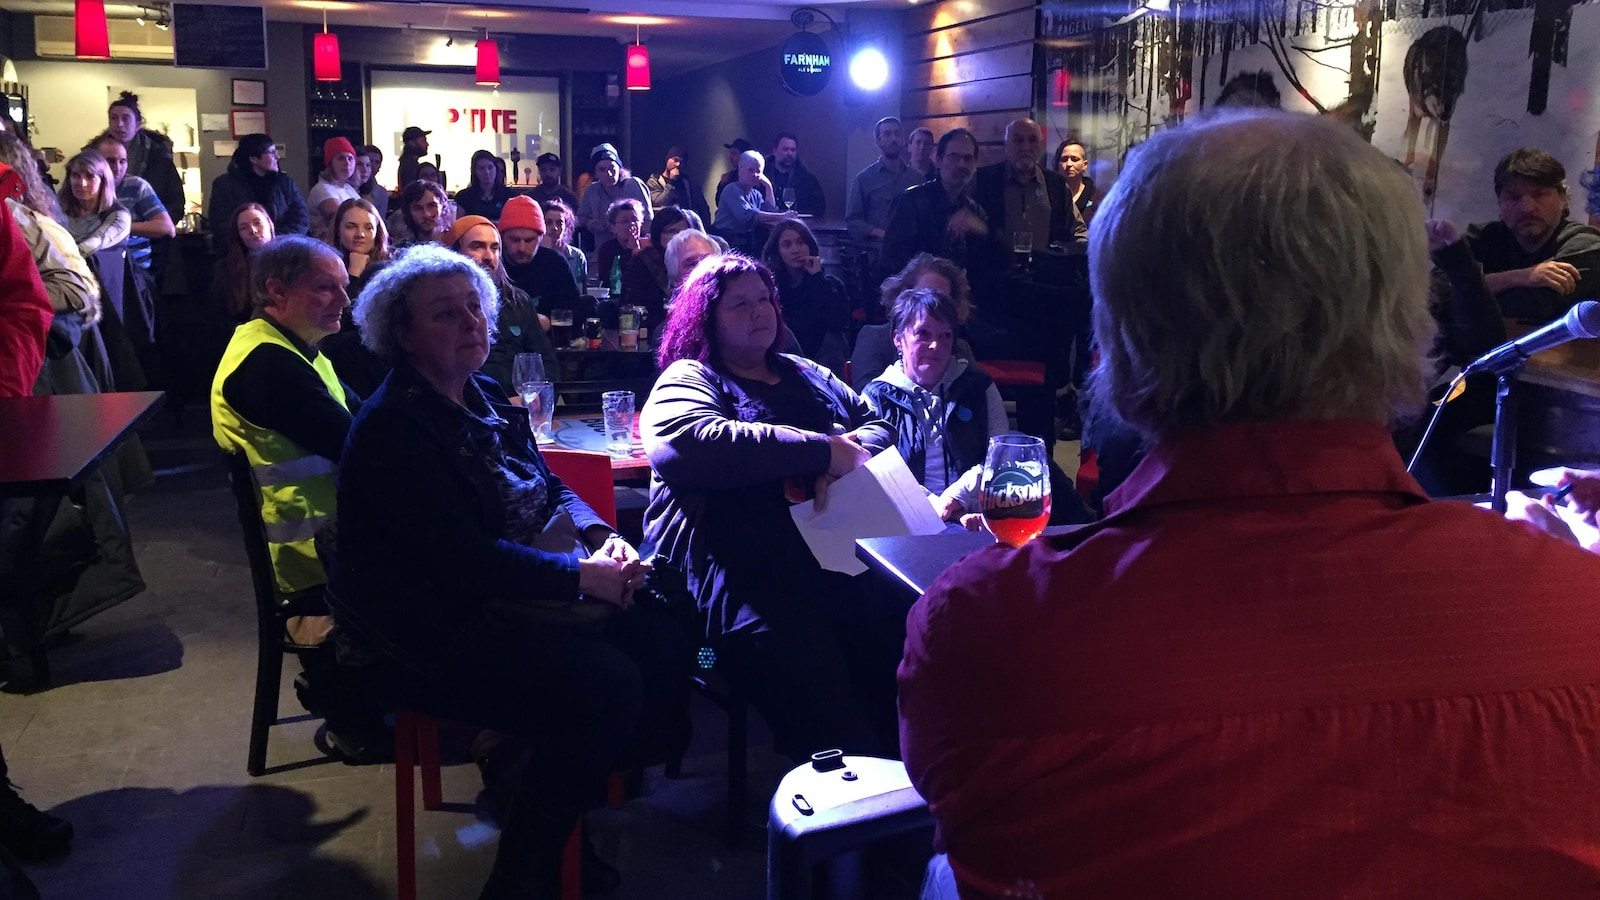 Un bar est rempli de gens qui écoutent parler des hommes assis devant la foule.